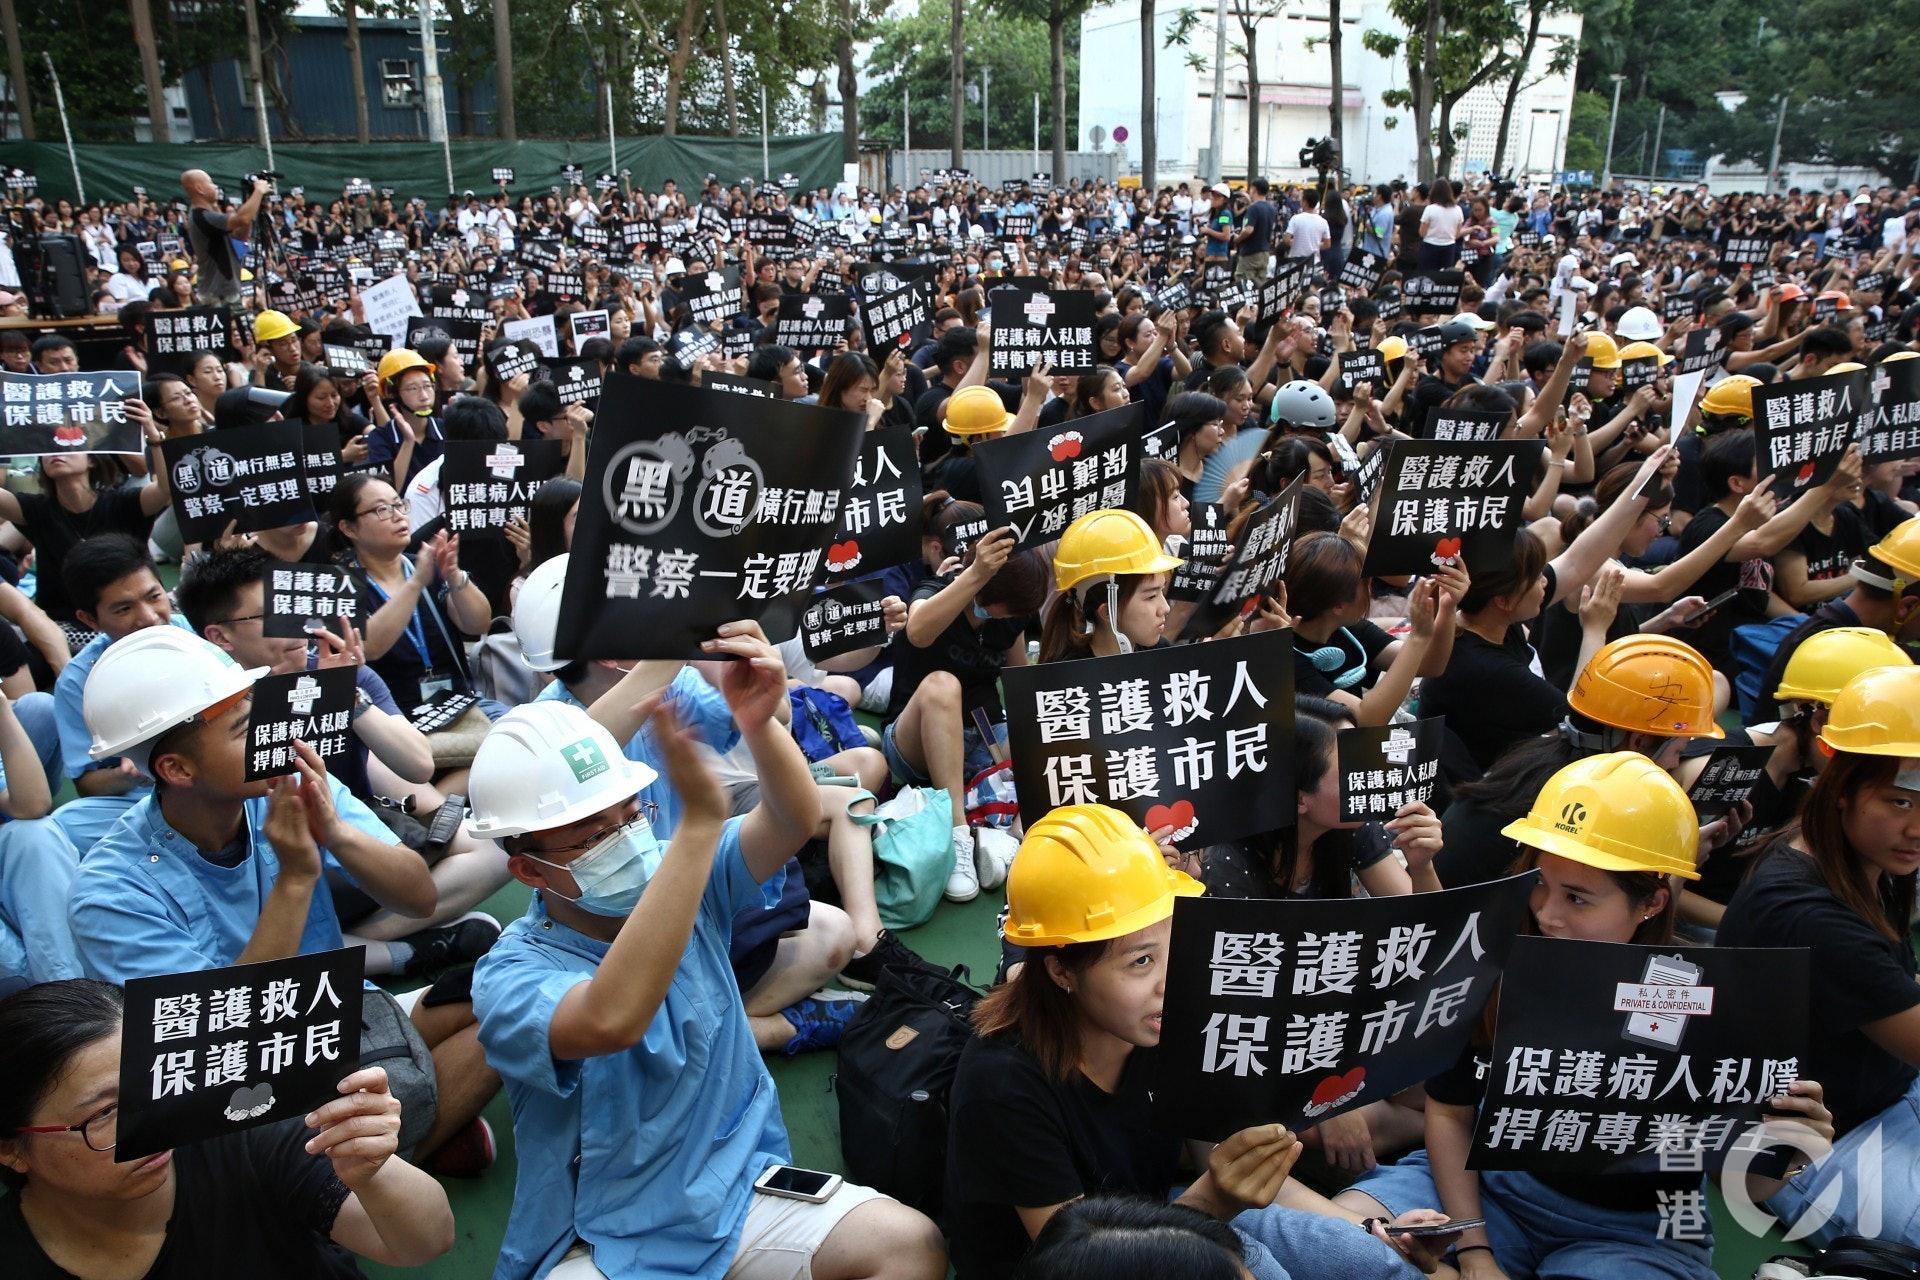 逾千醫護人員出席集會,譴責7.21元朗暴力事件。(羅君豪攝)